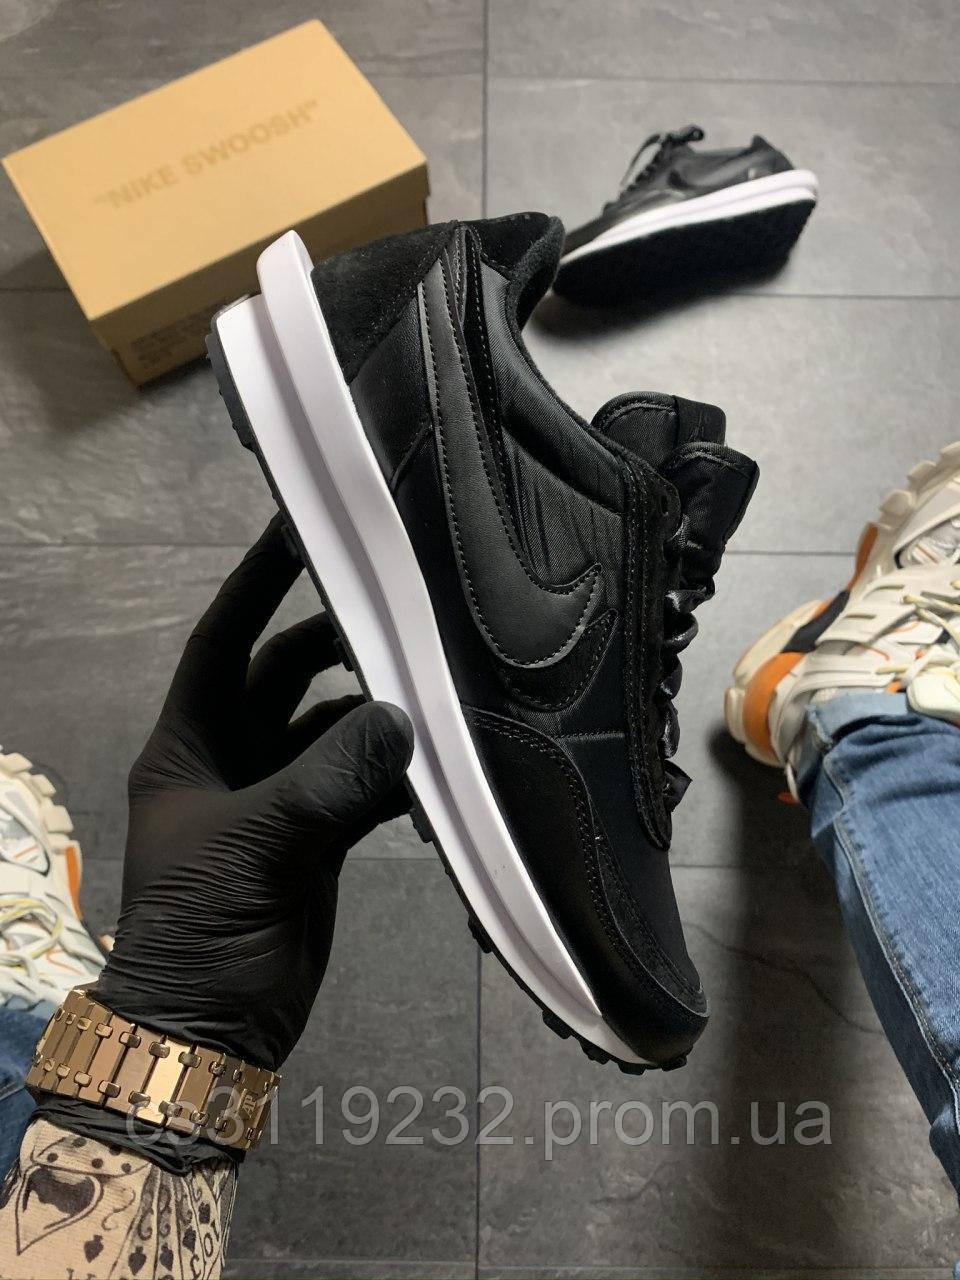 Мужские кроссовки Nike LD Waffle Sacai Black White(черные)